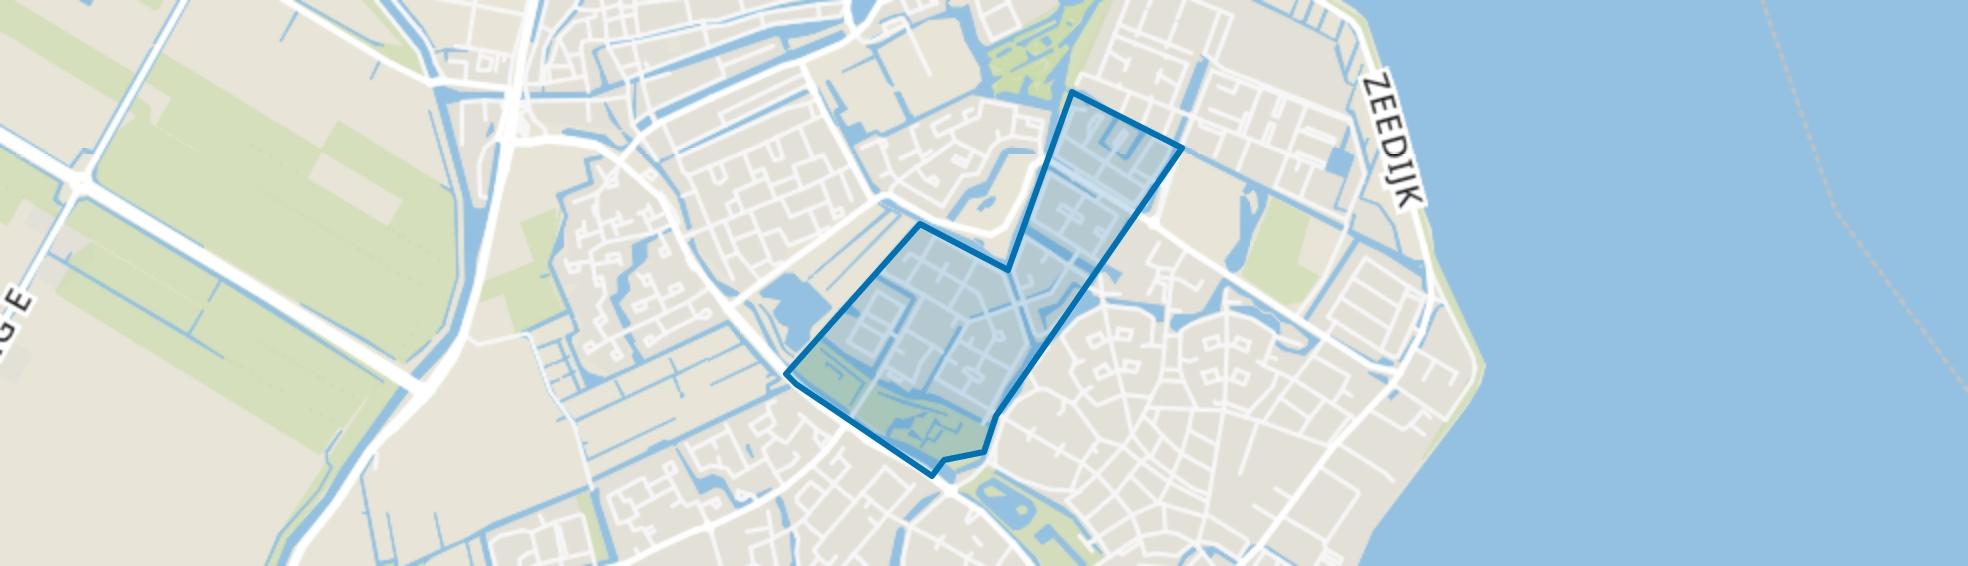 Volendam-Middengebied, Volendam map